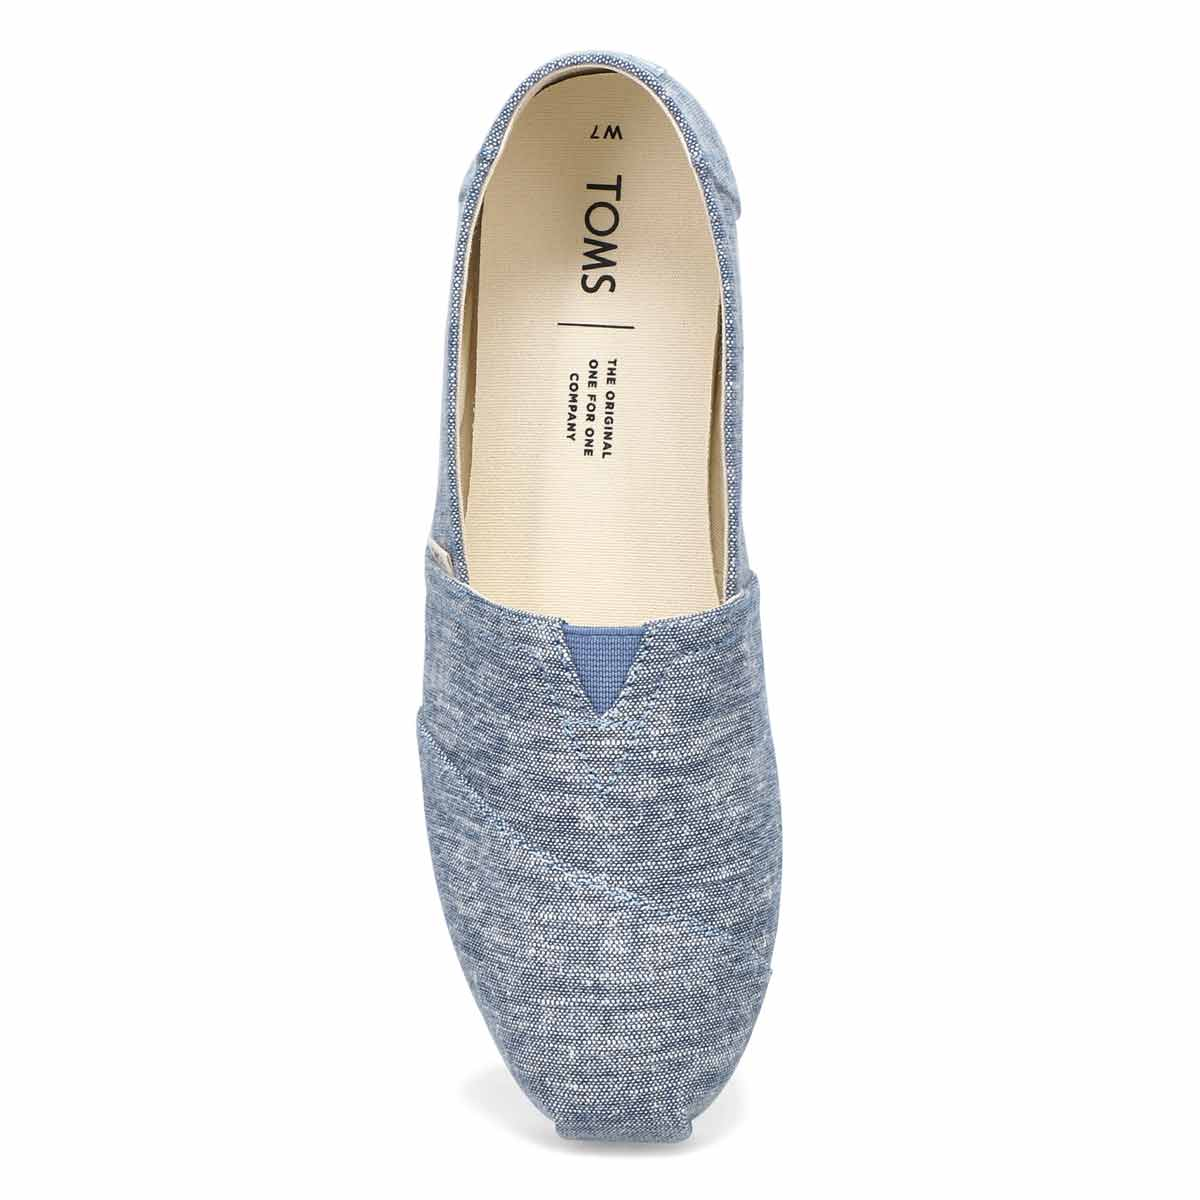 Flâneur Classic Alpargata, bleu chambray femme